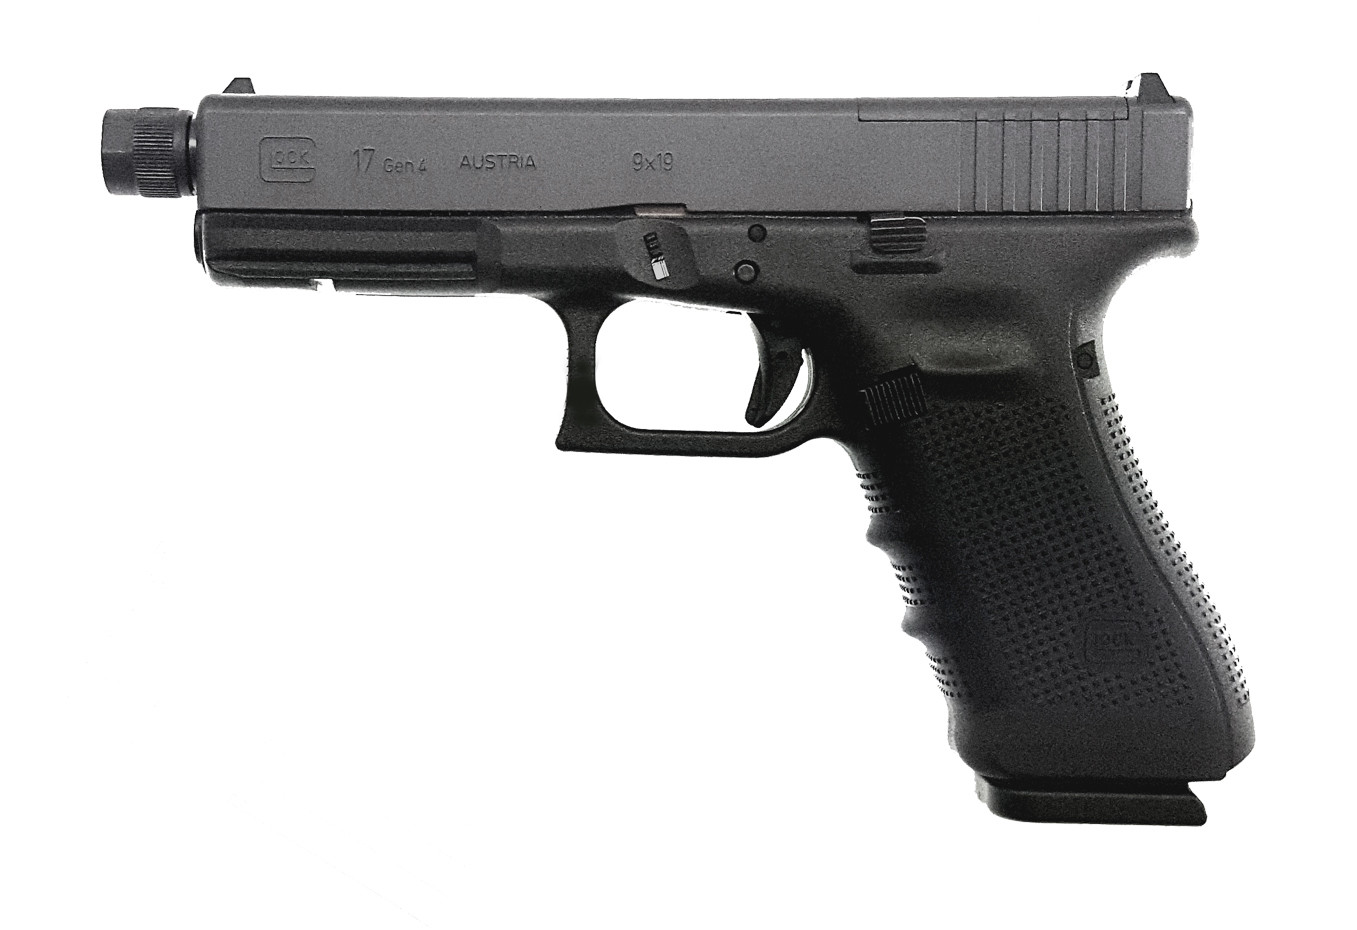 Pistole Glock 17 Gen 4 M.O.S. mit Gewindelauf M13,5x1 Linksgewinde Waffenstube Thalkirchen München Bayern Deutschland